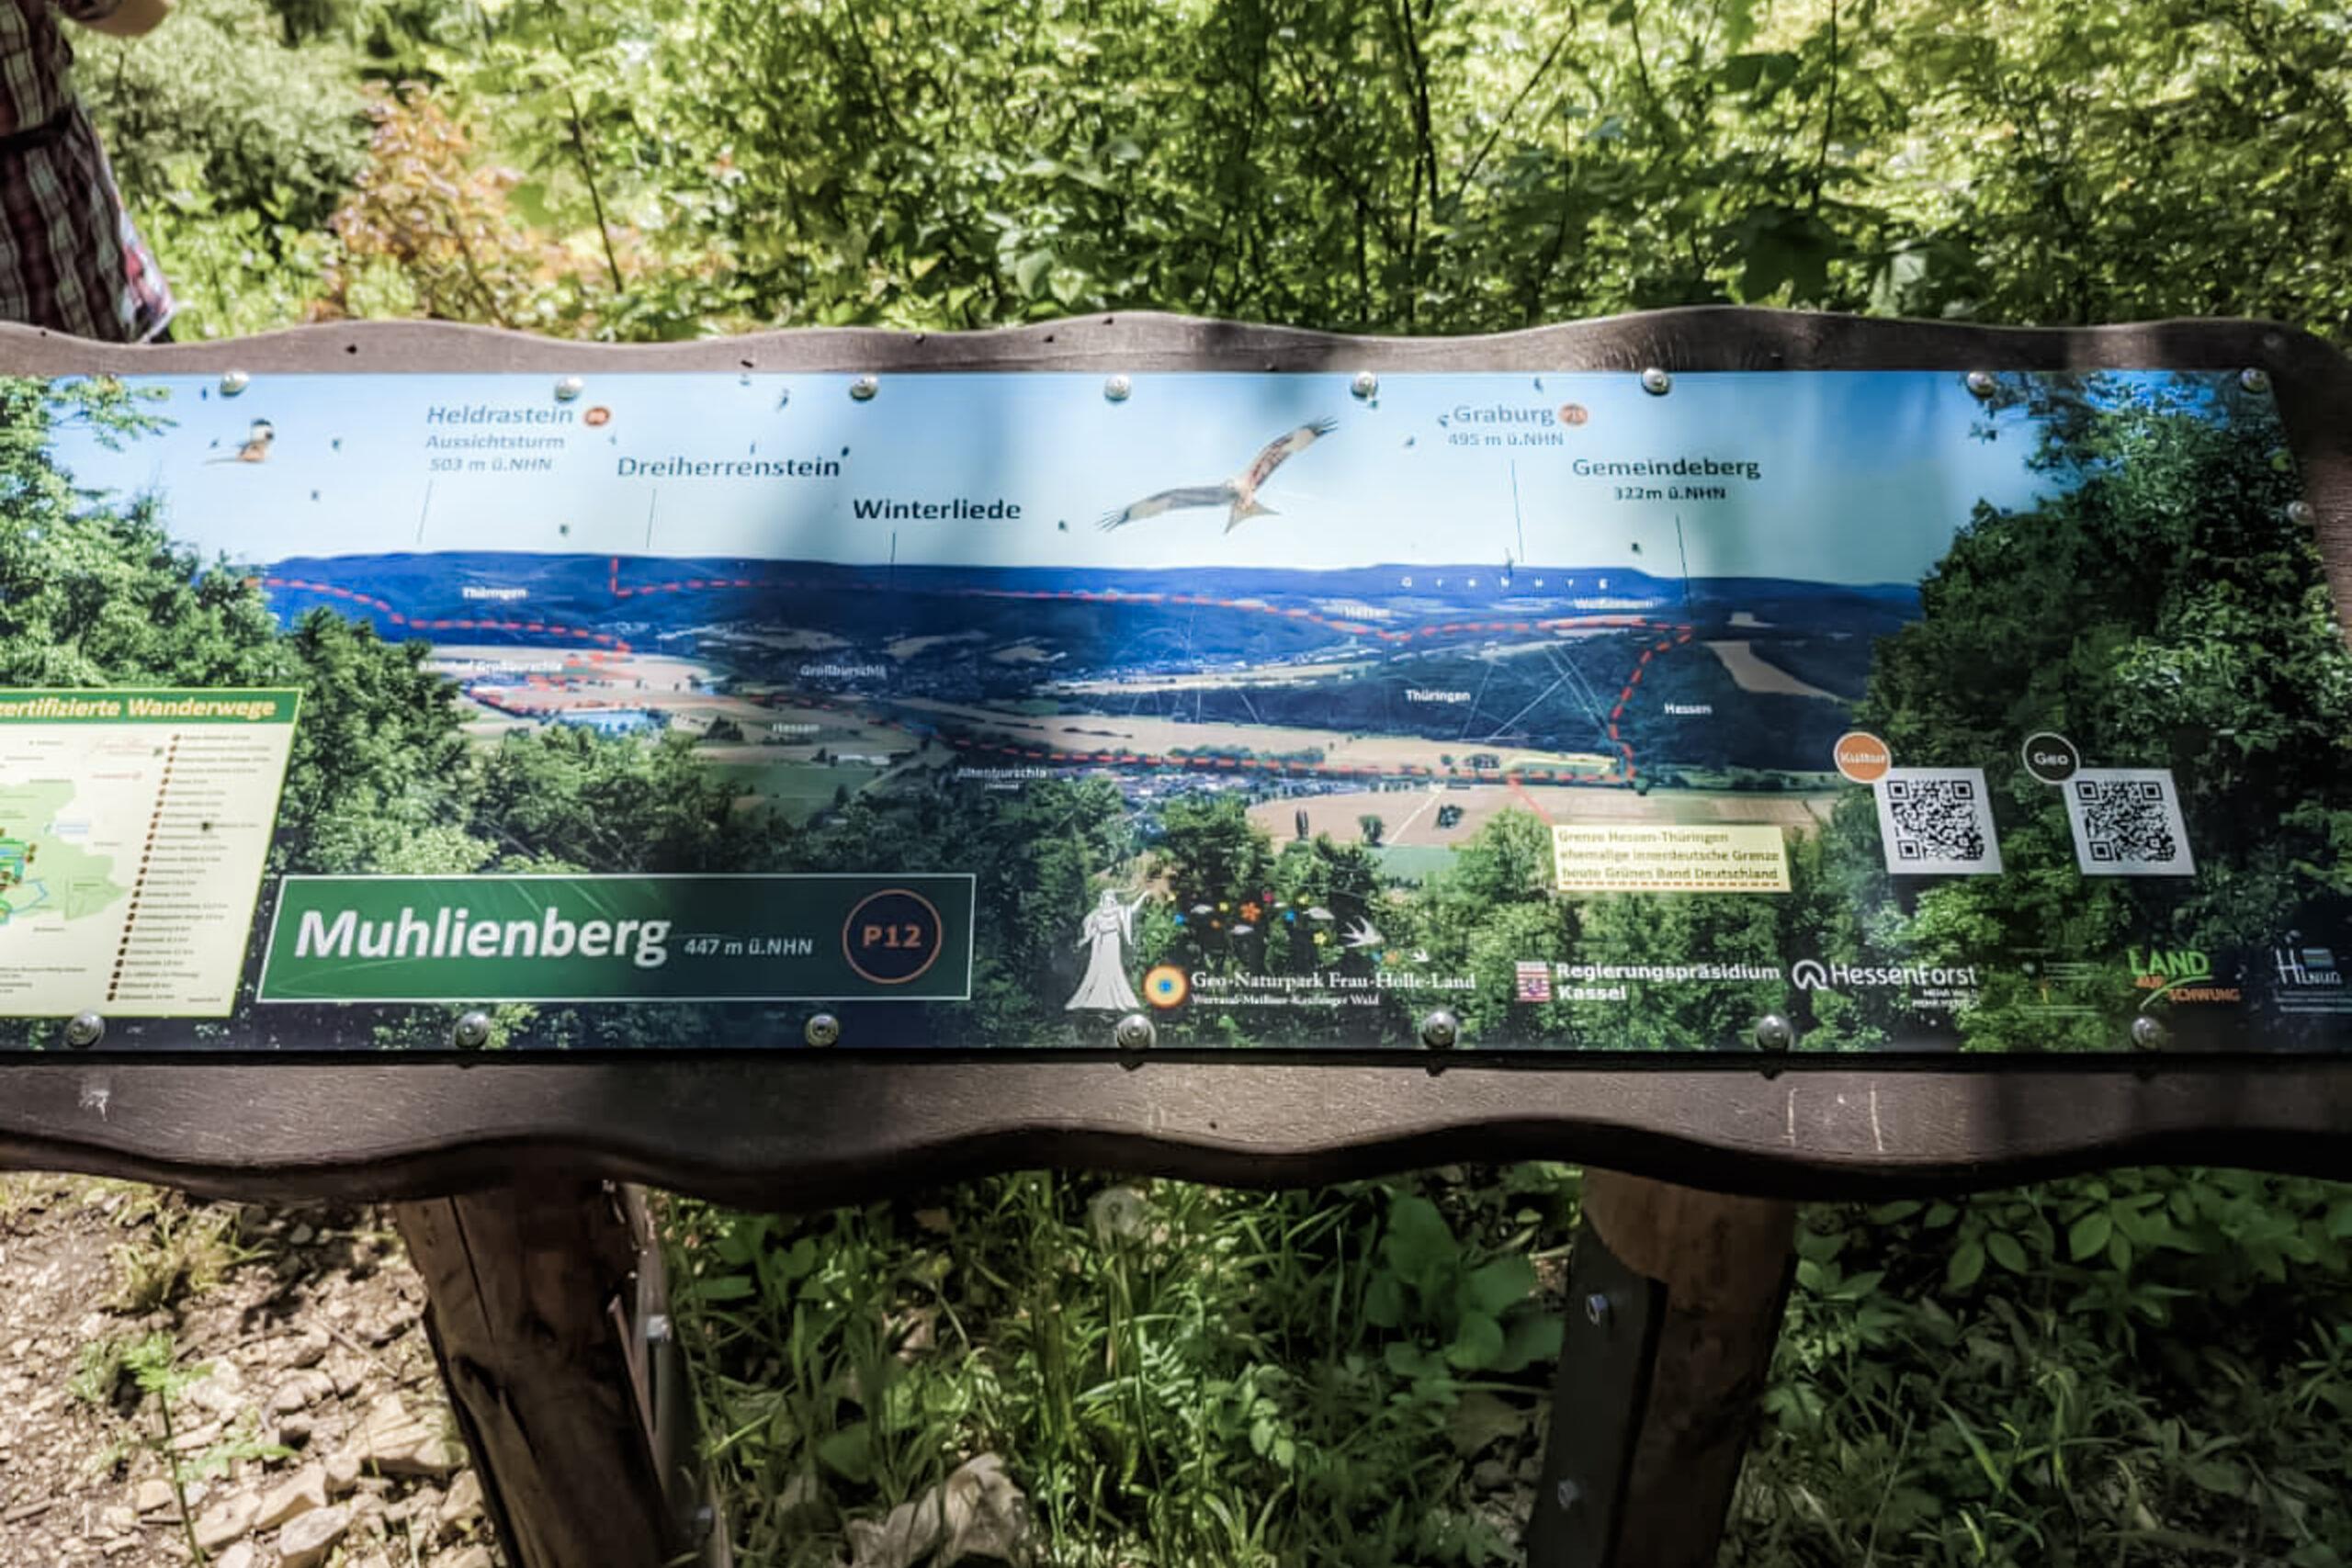 Aussichtspunkt Muhlienberg - Richtung Altenburschla